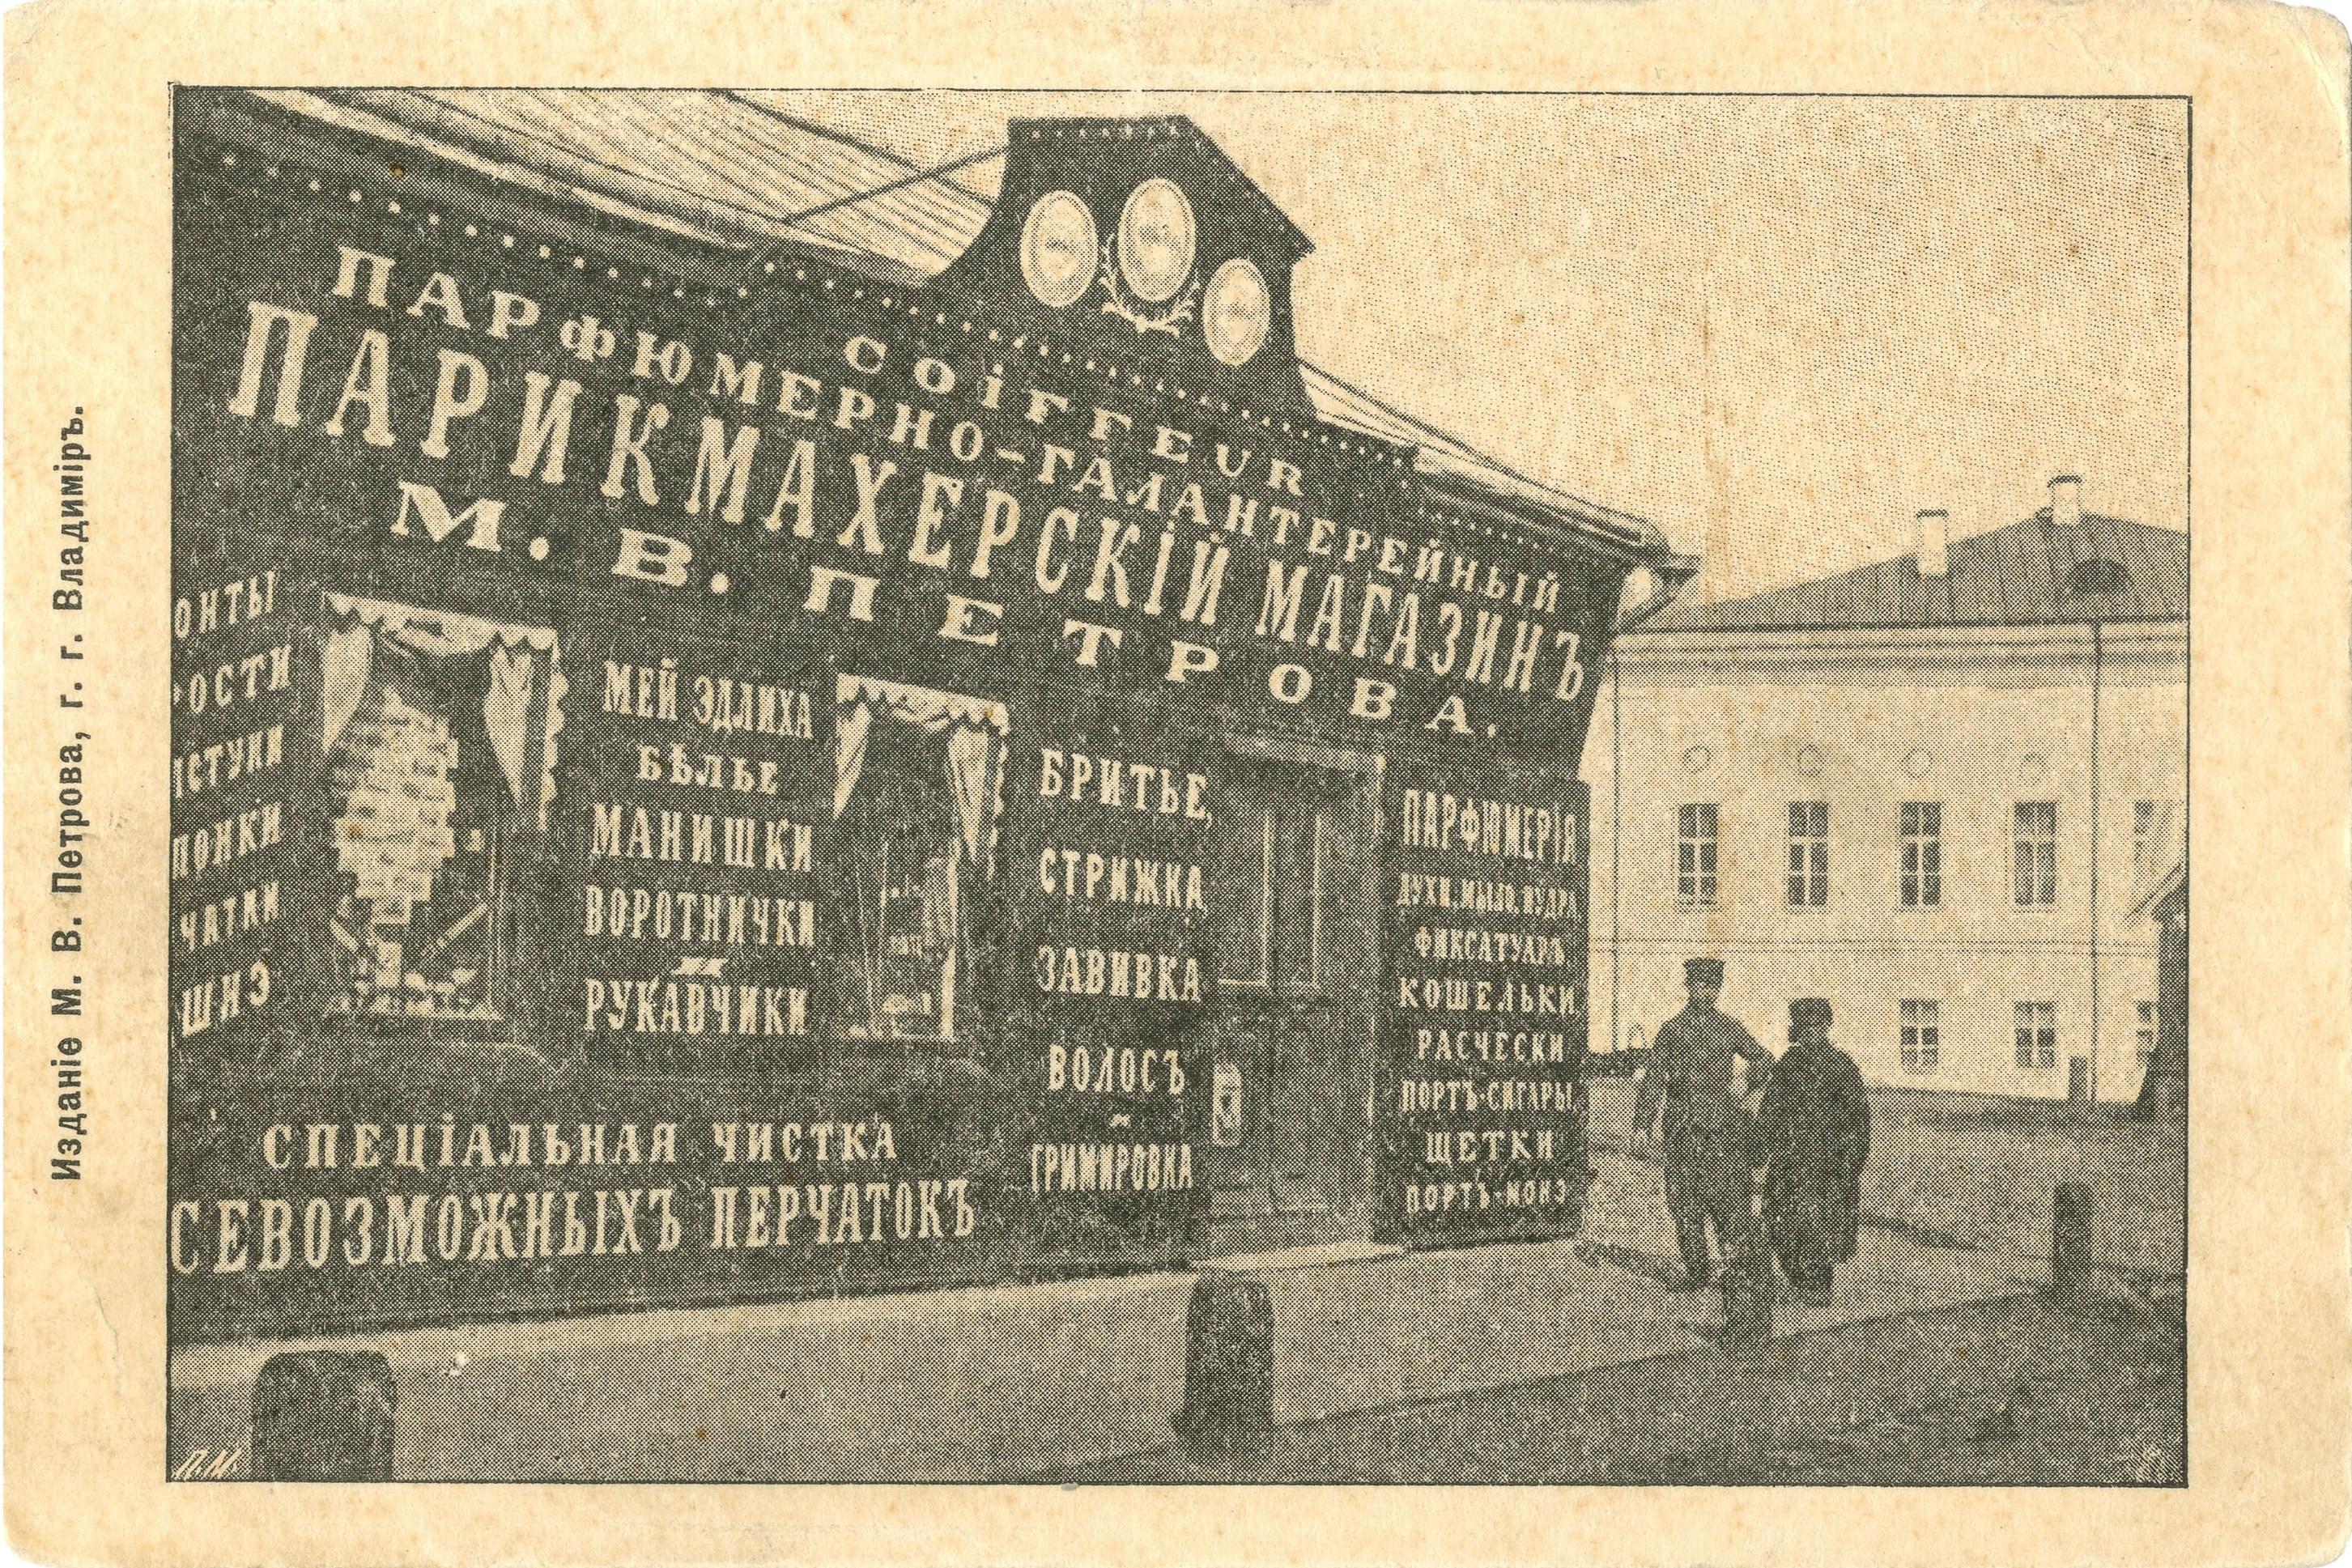 Парфюмерно-галантерейный парикмахерский магазин М.В. Петрова